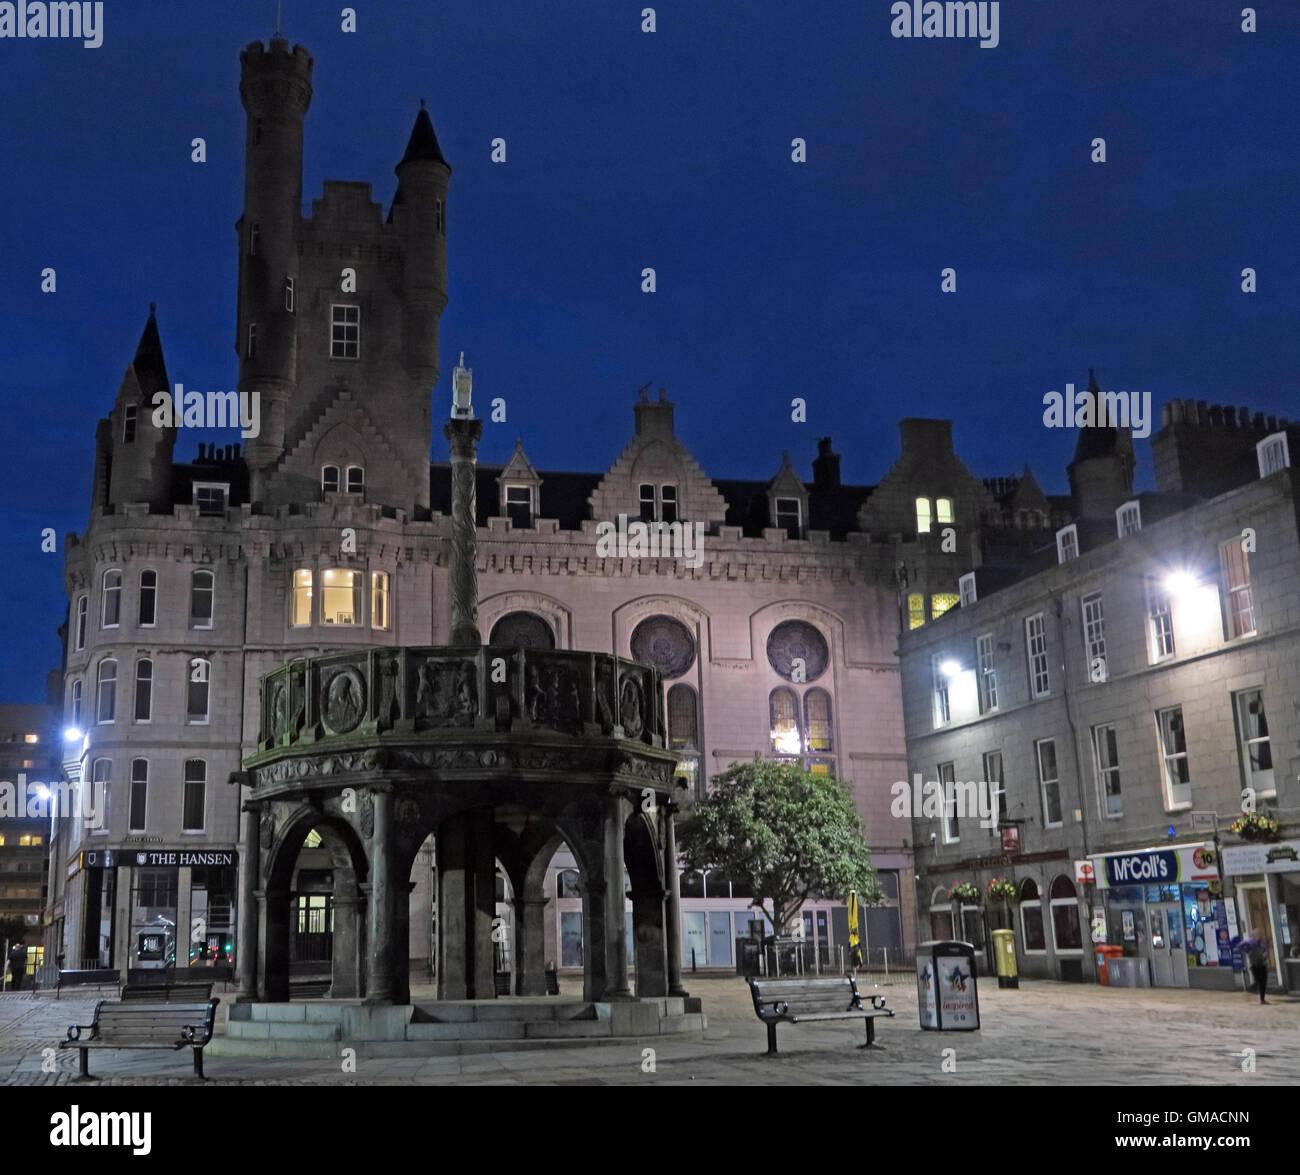 Laden Sie dieses Alamy Stockfoto Castlegate, Mercat Cross Aberdeen City Centre, Schottland, in der Dämmerung - GMACNN